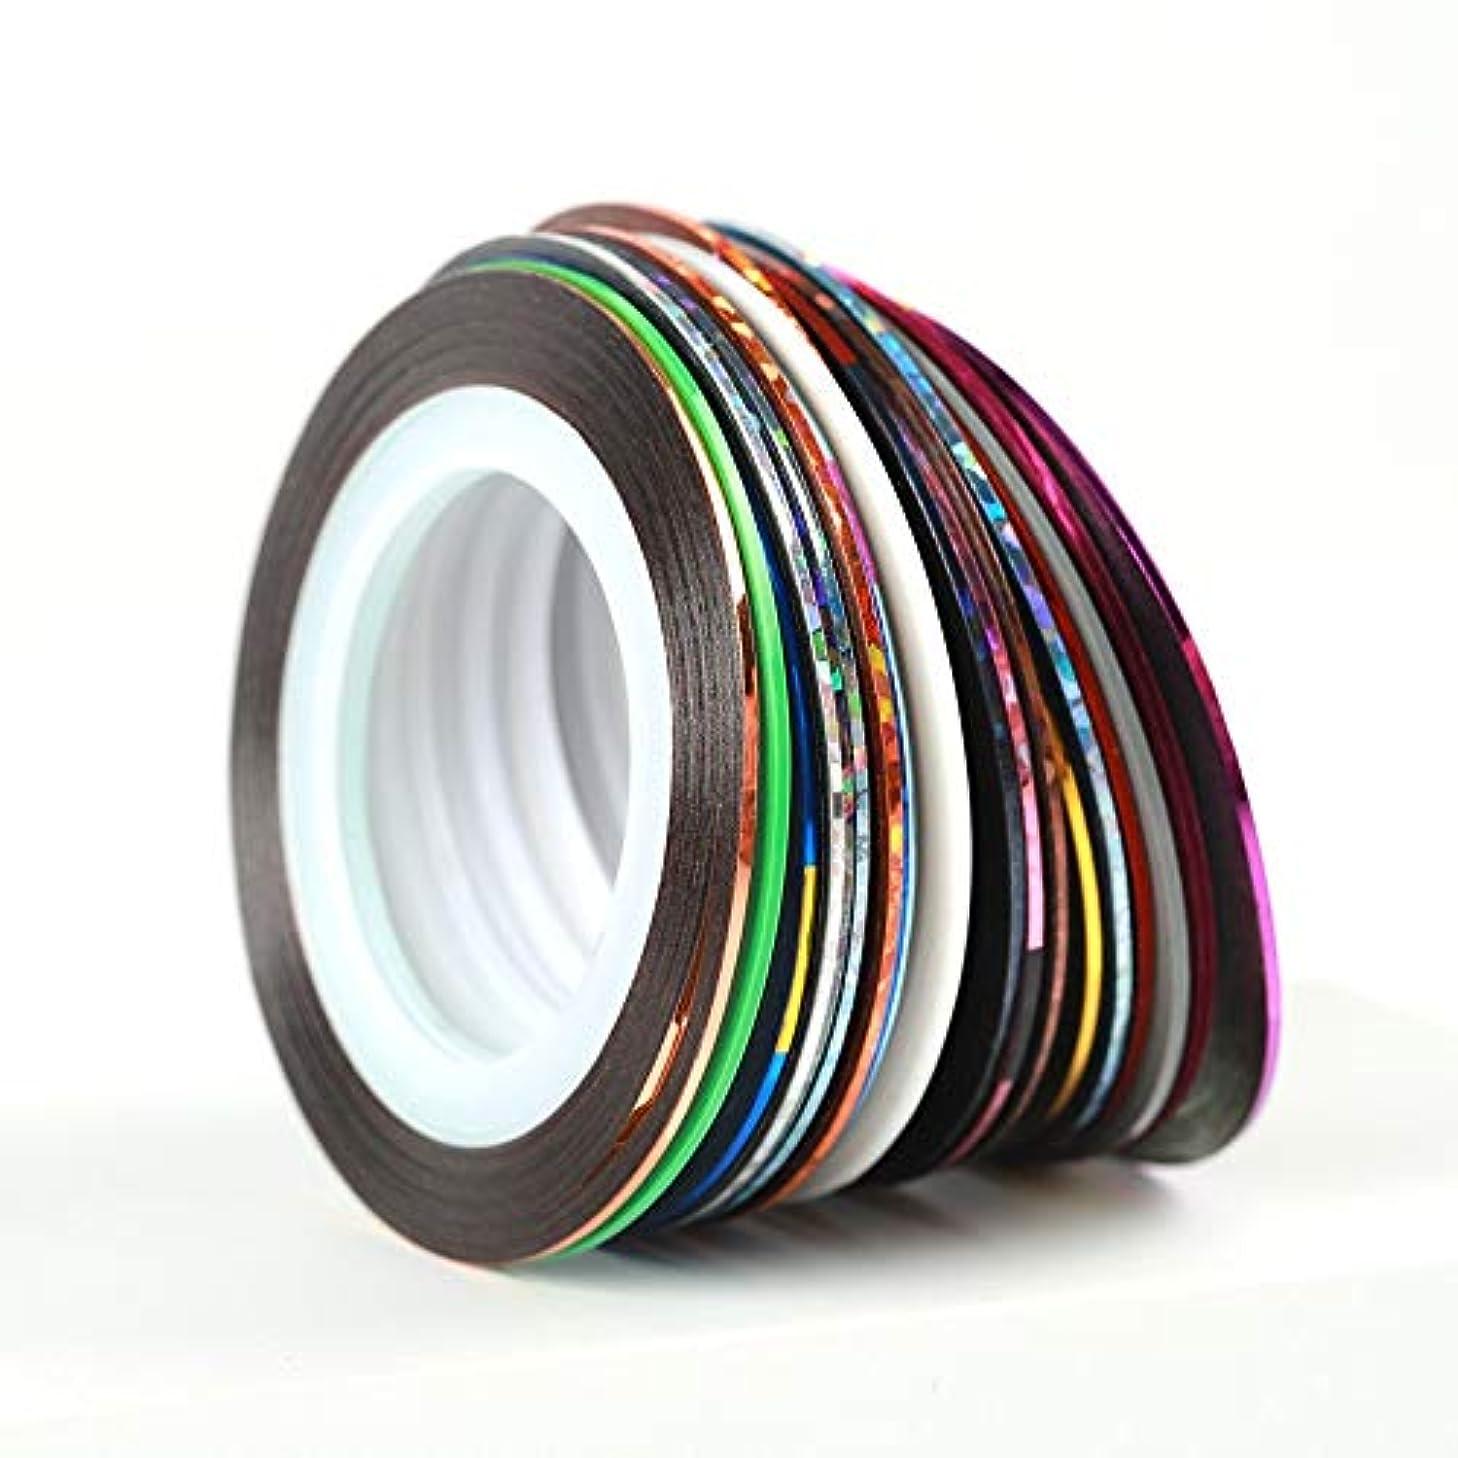 ジェット予知ダニ30个ストライピングテープラインネイルアートデコレーションステッカーDIYネイルステッカーミックス色ロールス